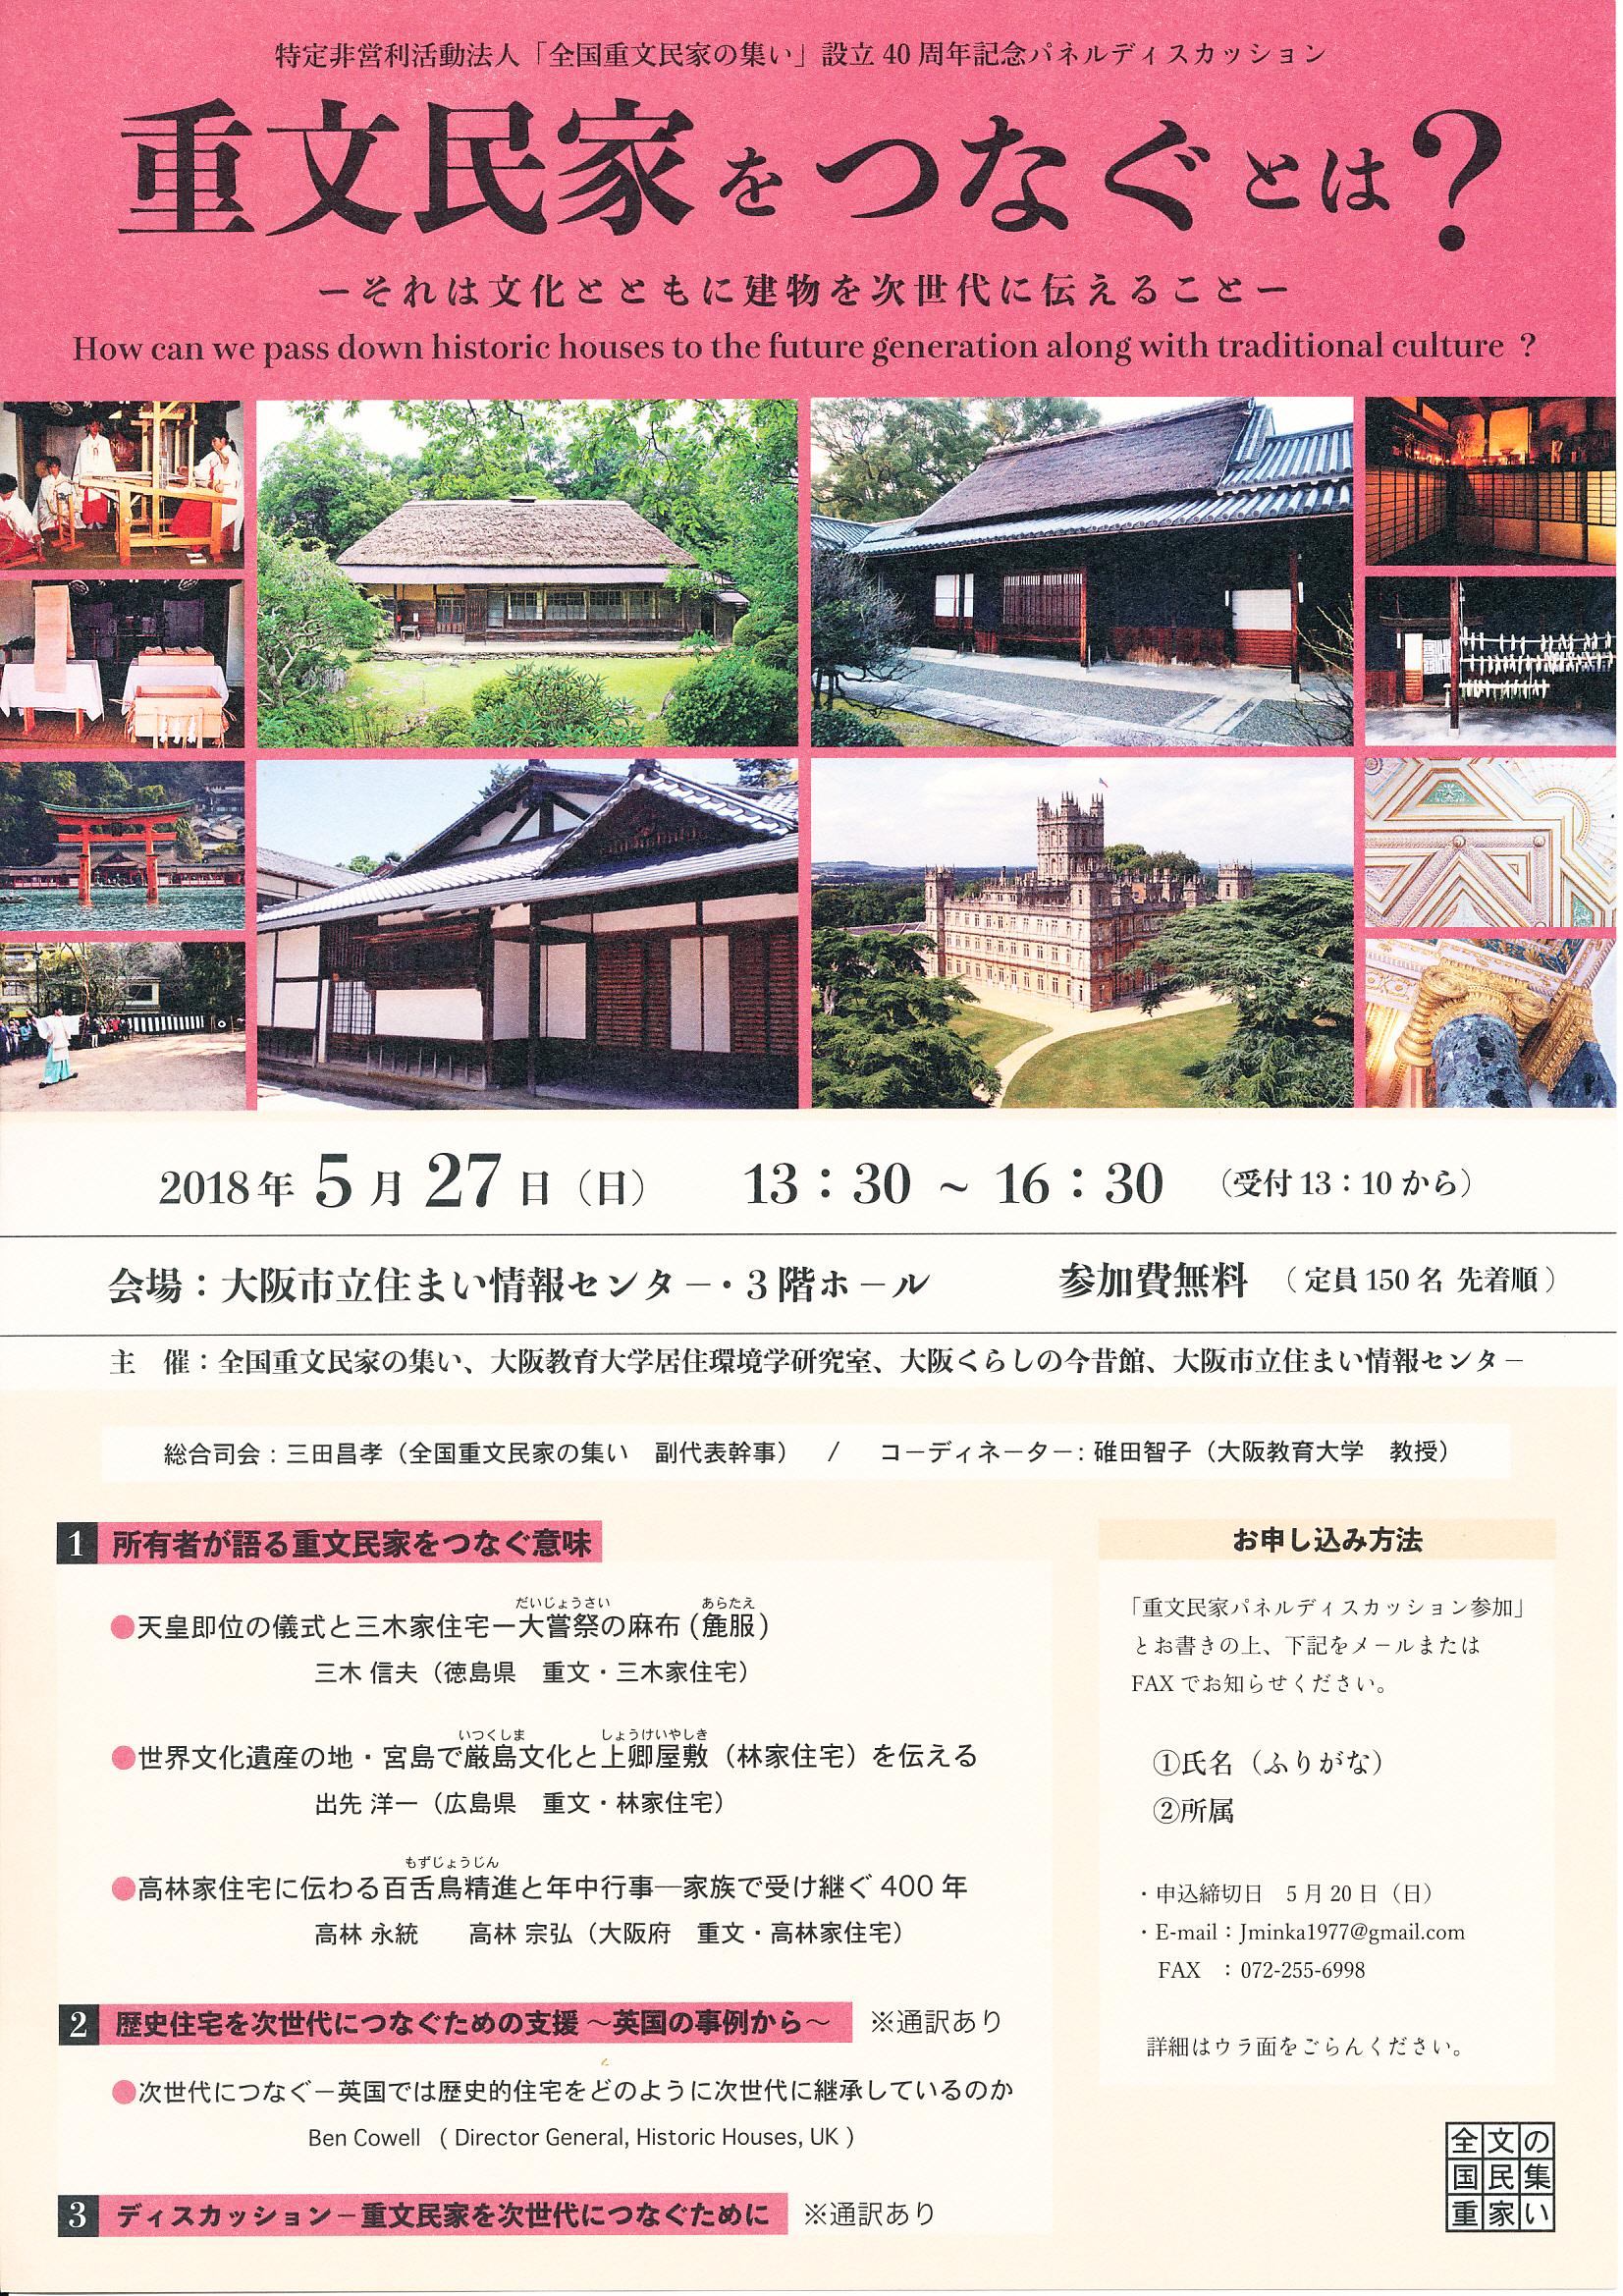 重文民家パネルディスカッション「重文民家をつなぐとは?」が開催されます。5月27日(日)